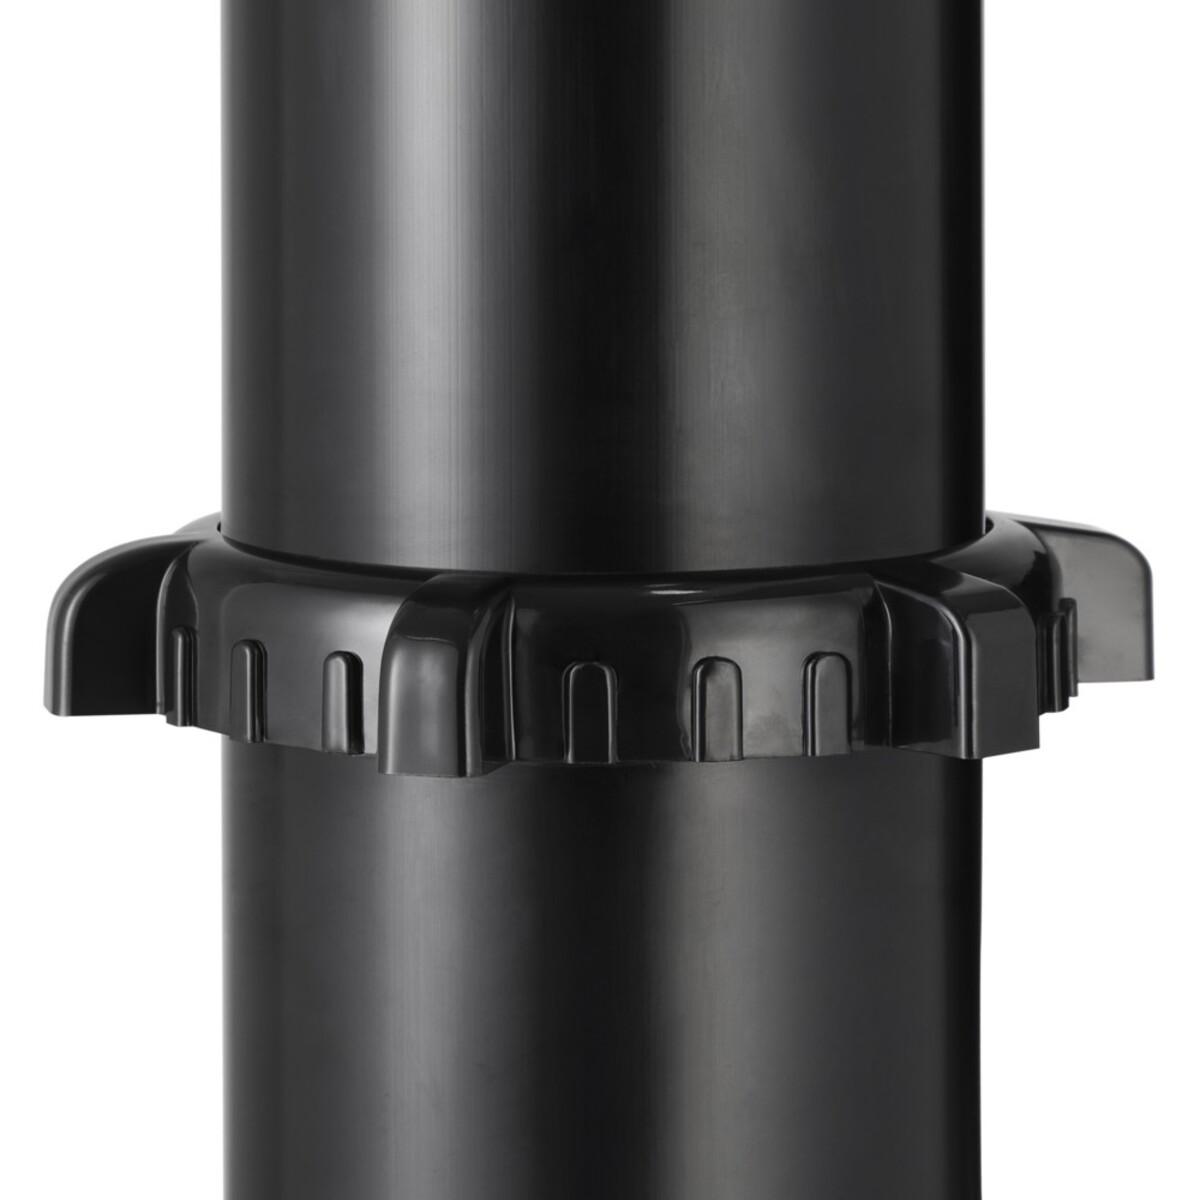 Bild 5 von Monzana Solardusche gebogen, ca. 20 Liter inkl. Ablage